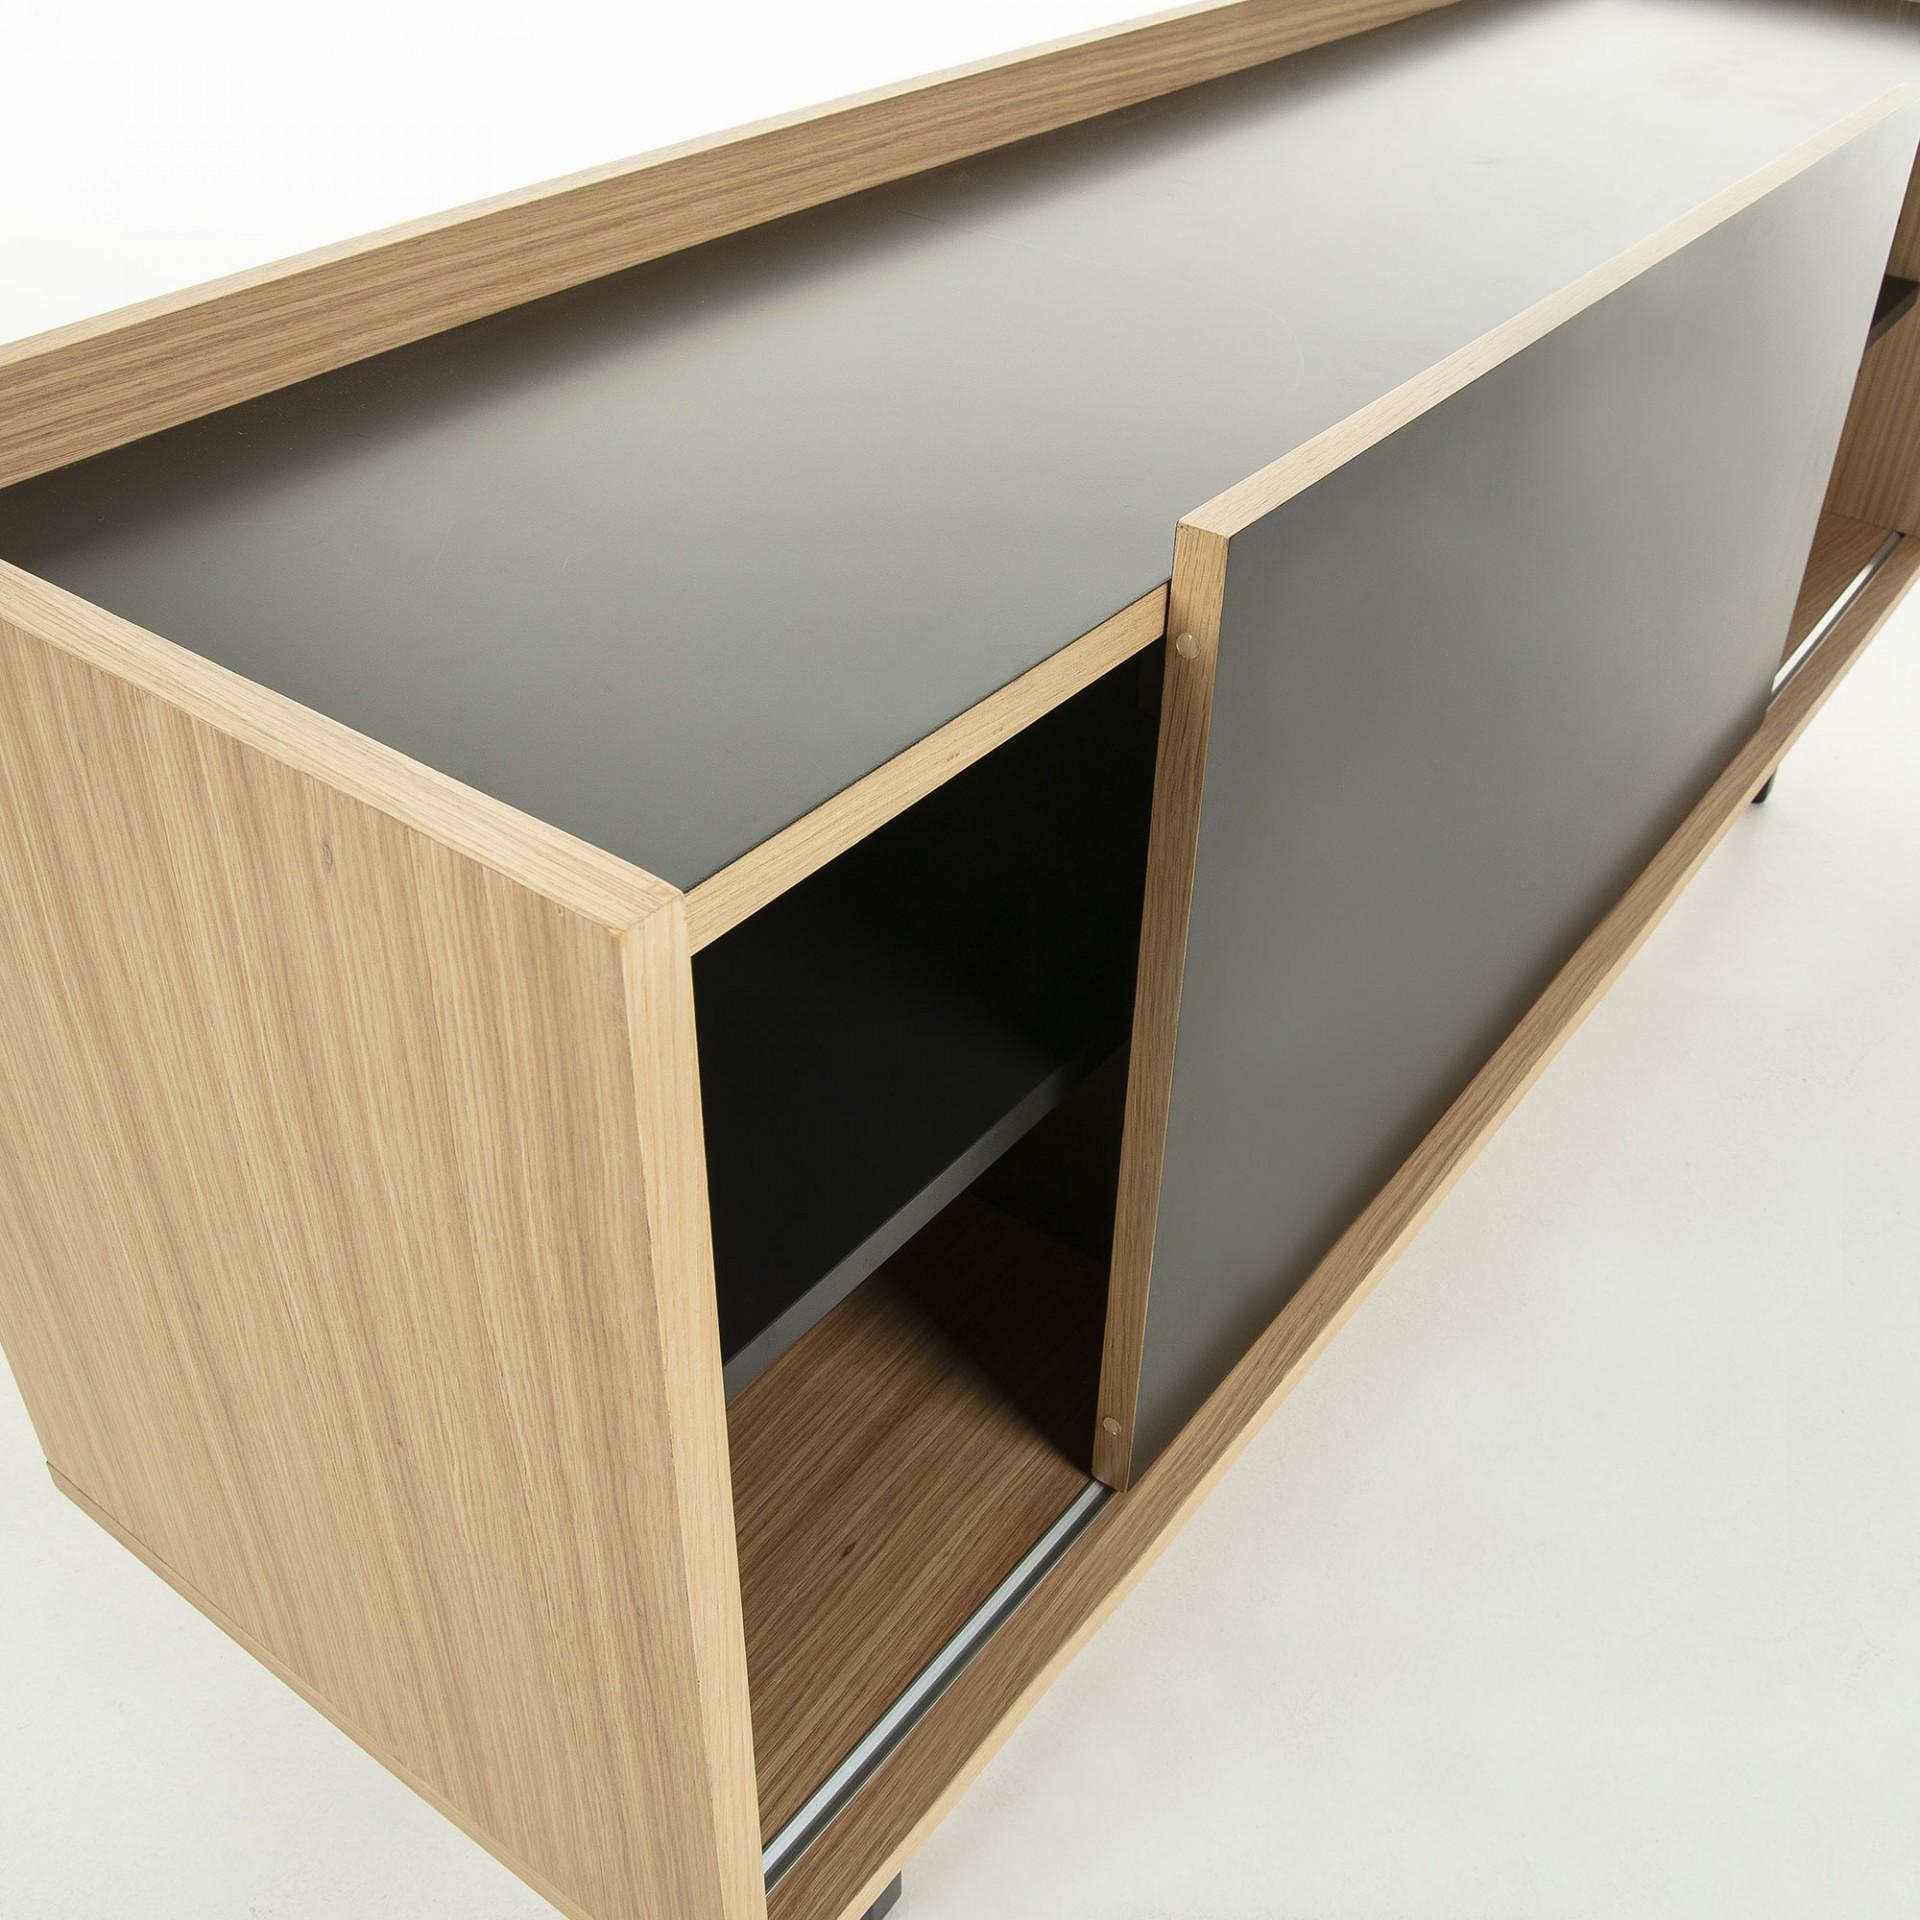 Aparador em madeira de carvalho, 70x155 cm